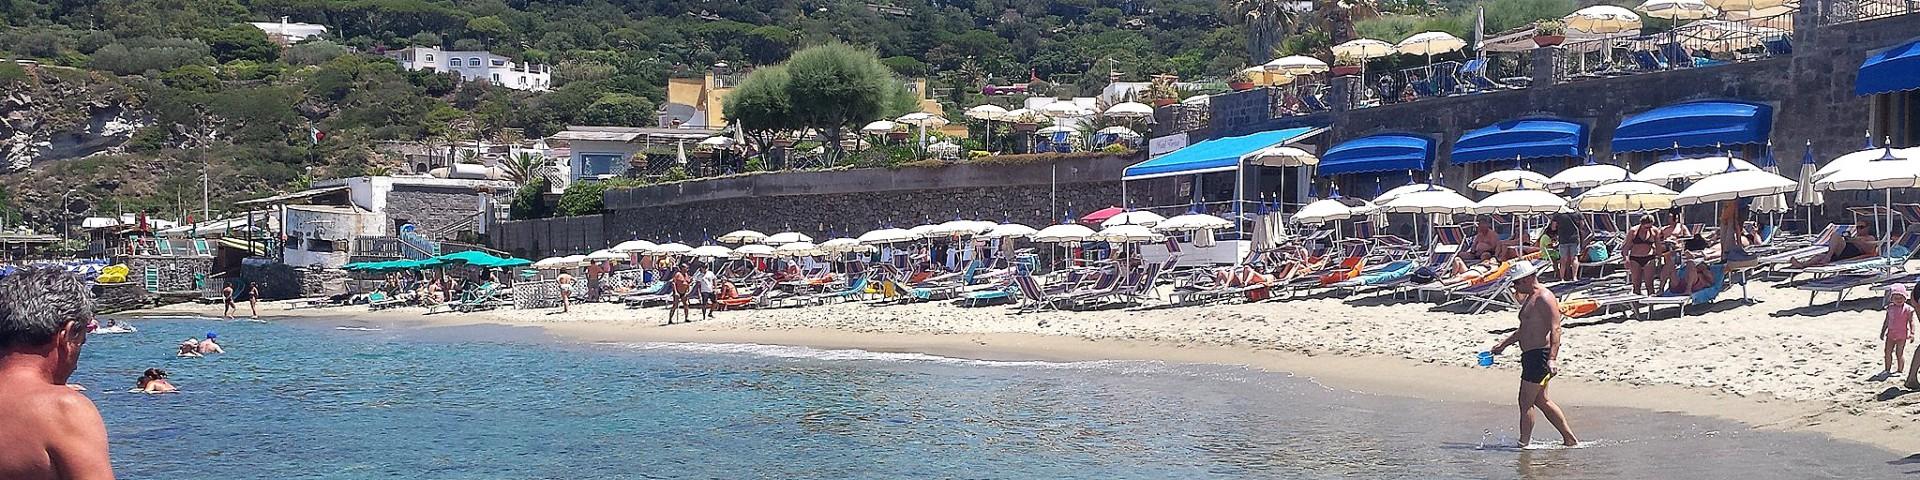 Forio, pláž Baia San Francesco